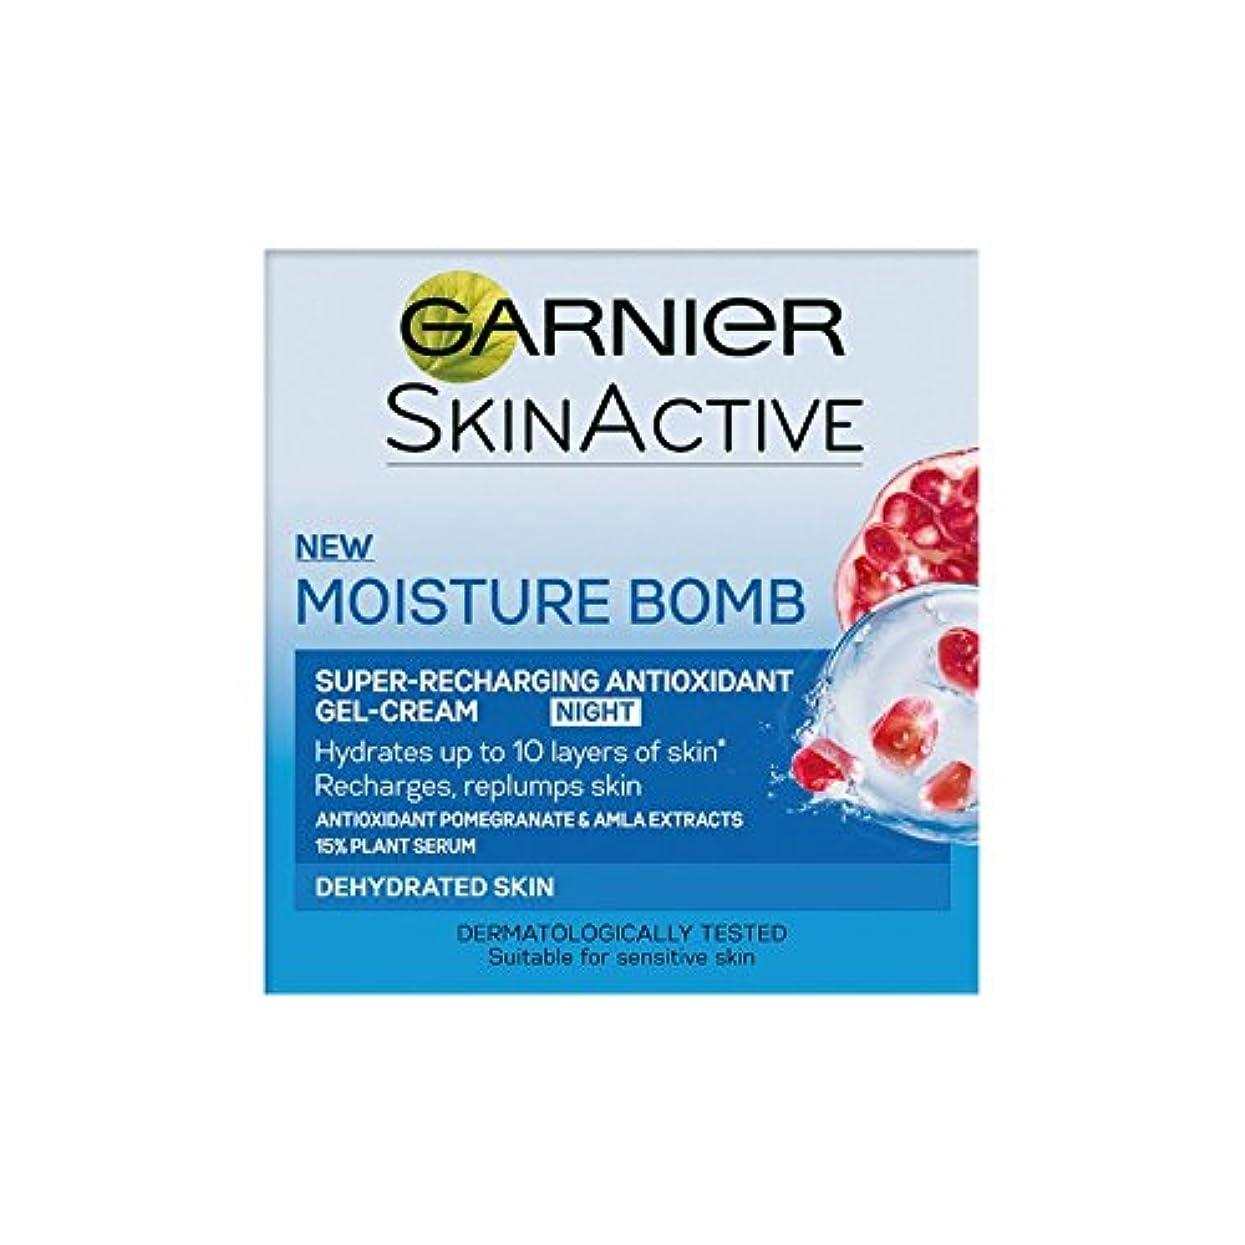 混雑エール罪ガルニエ水分爆弾超充電夜のゲルクリーム(50ミリリットル) x4 - Garnier Moisture Bomb Super-Recharging Night Gel-Cream (50ml) (Pack of 4) [並行輸入品]